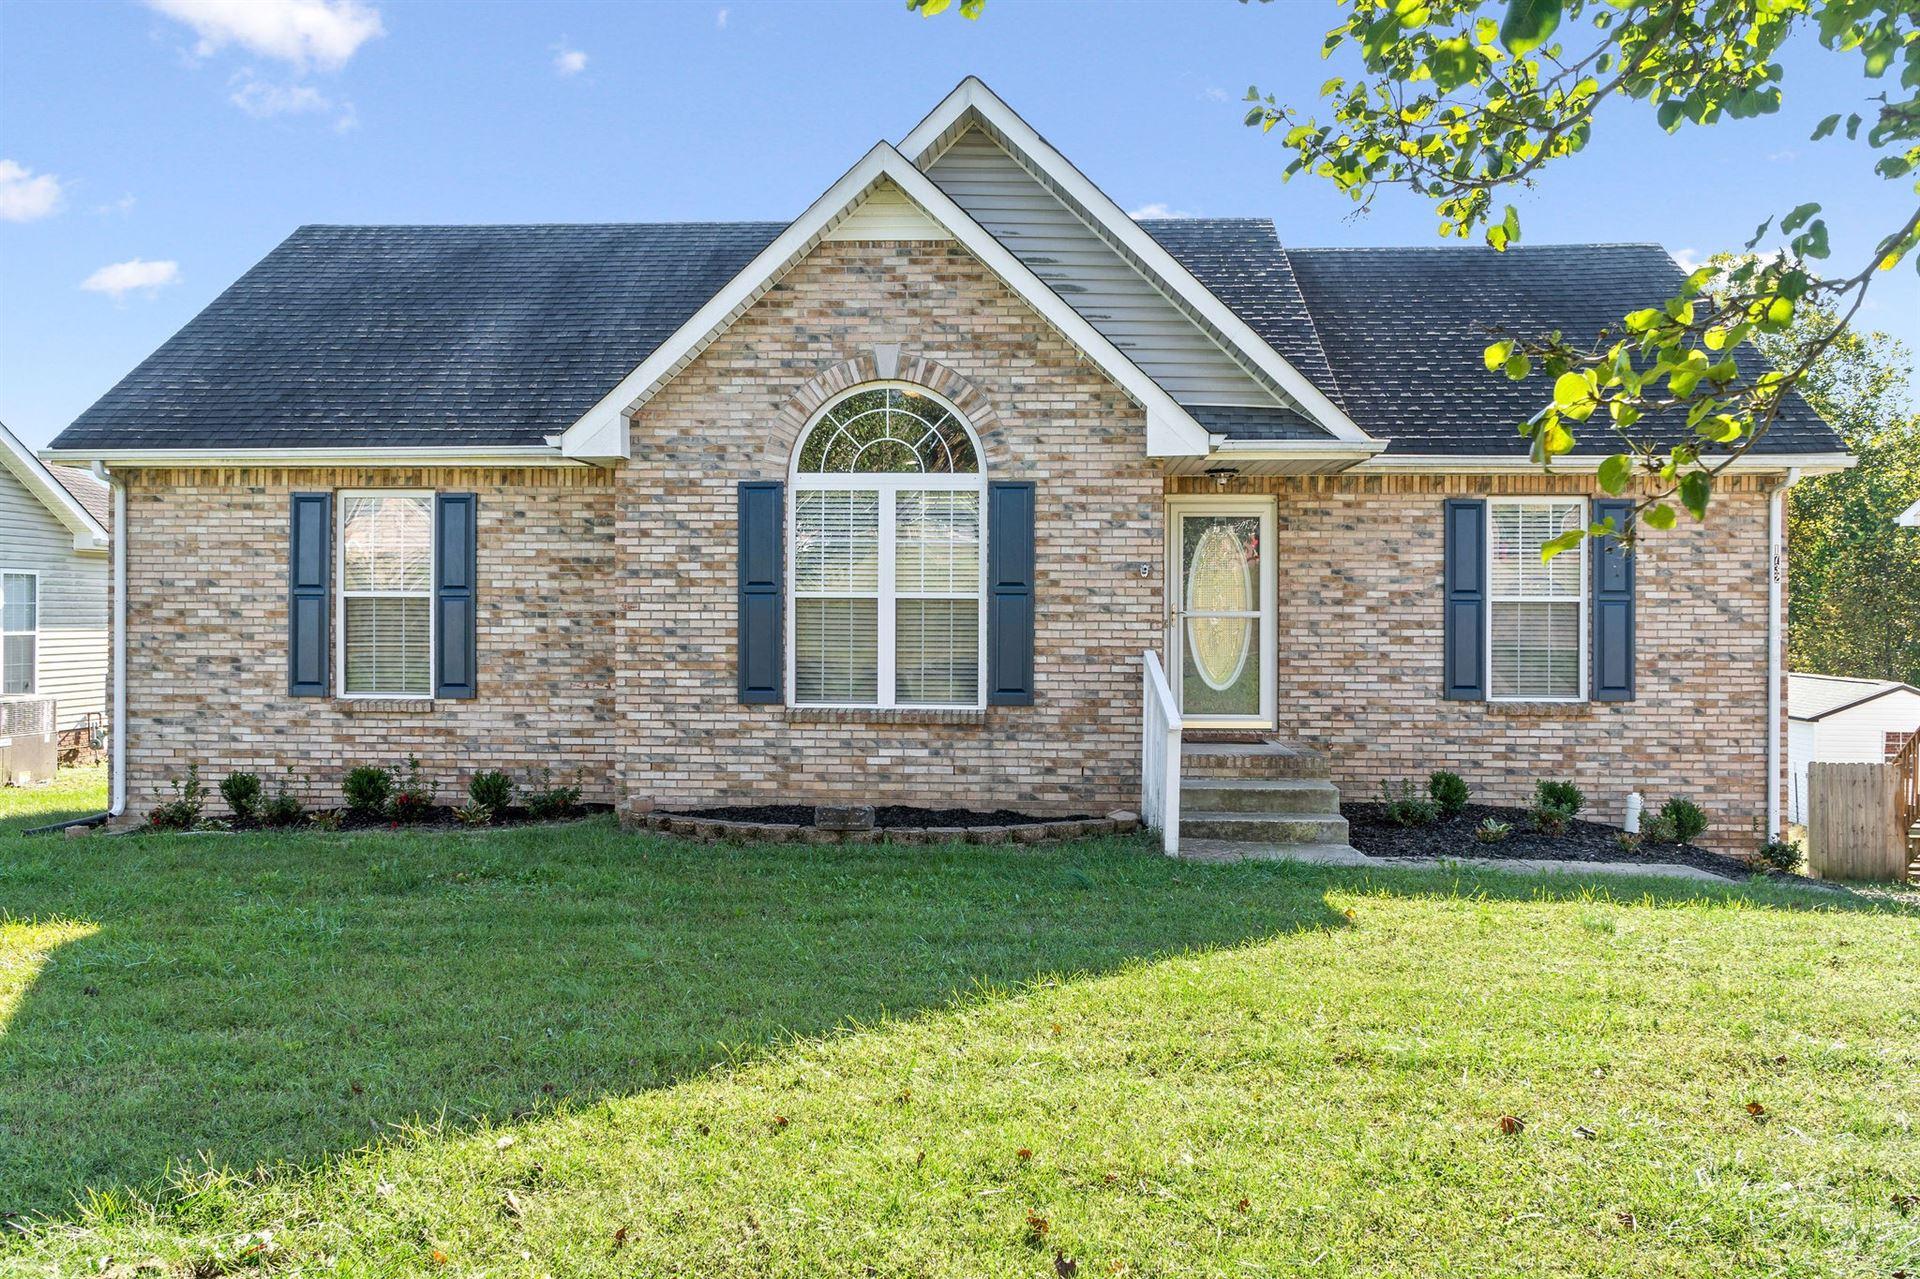 1732 Hazelwood Rd, Clarksville, TN 37042 - MLS#: 2199628